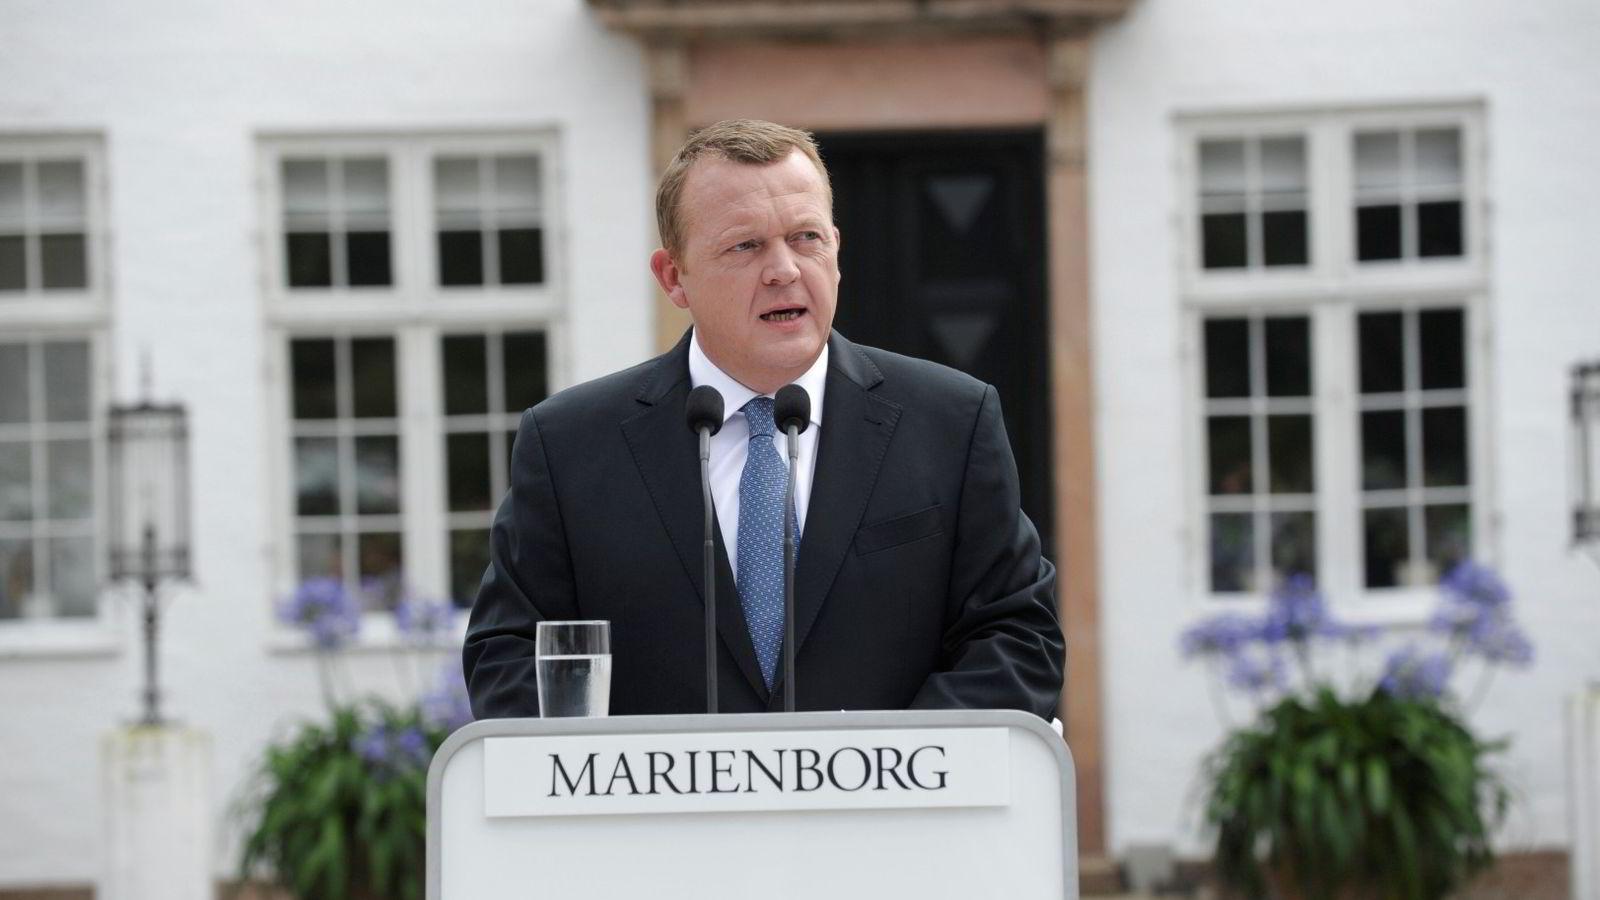 Danmarks statsminister Lars Løkke Rasmussen. Foto: Keld Navntoft /